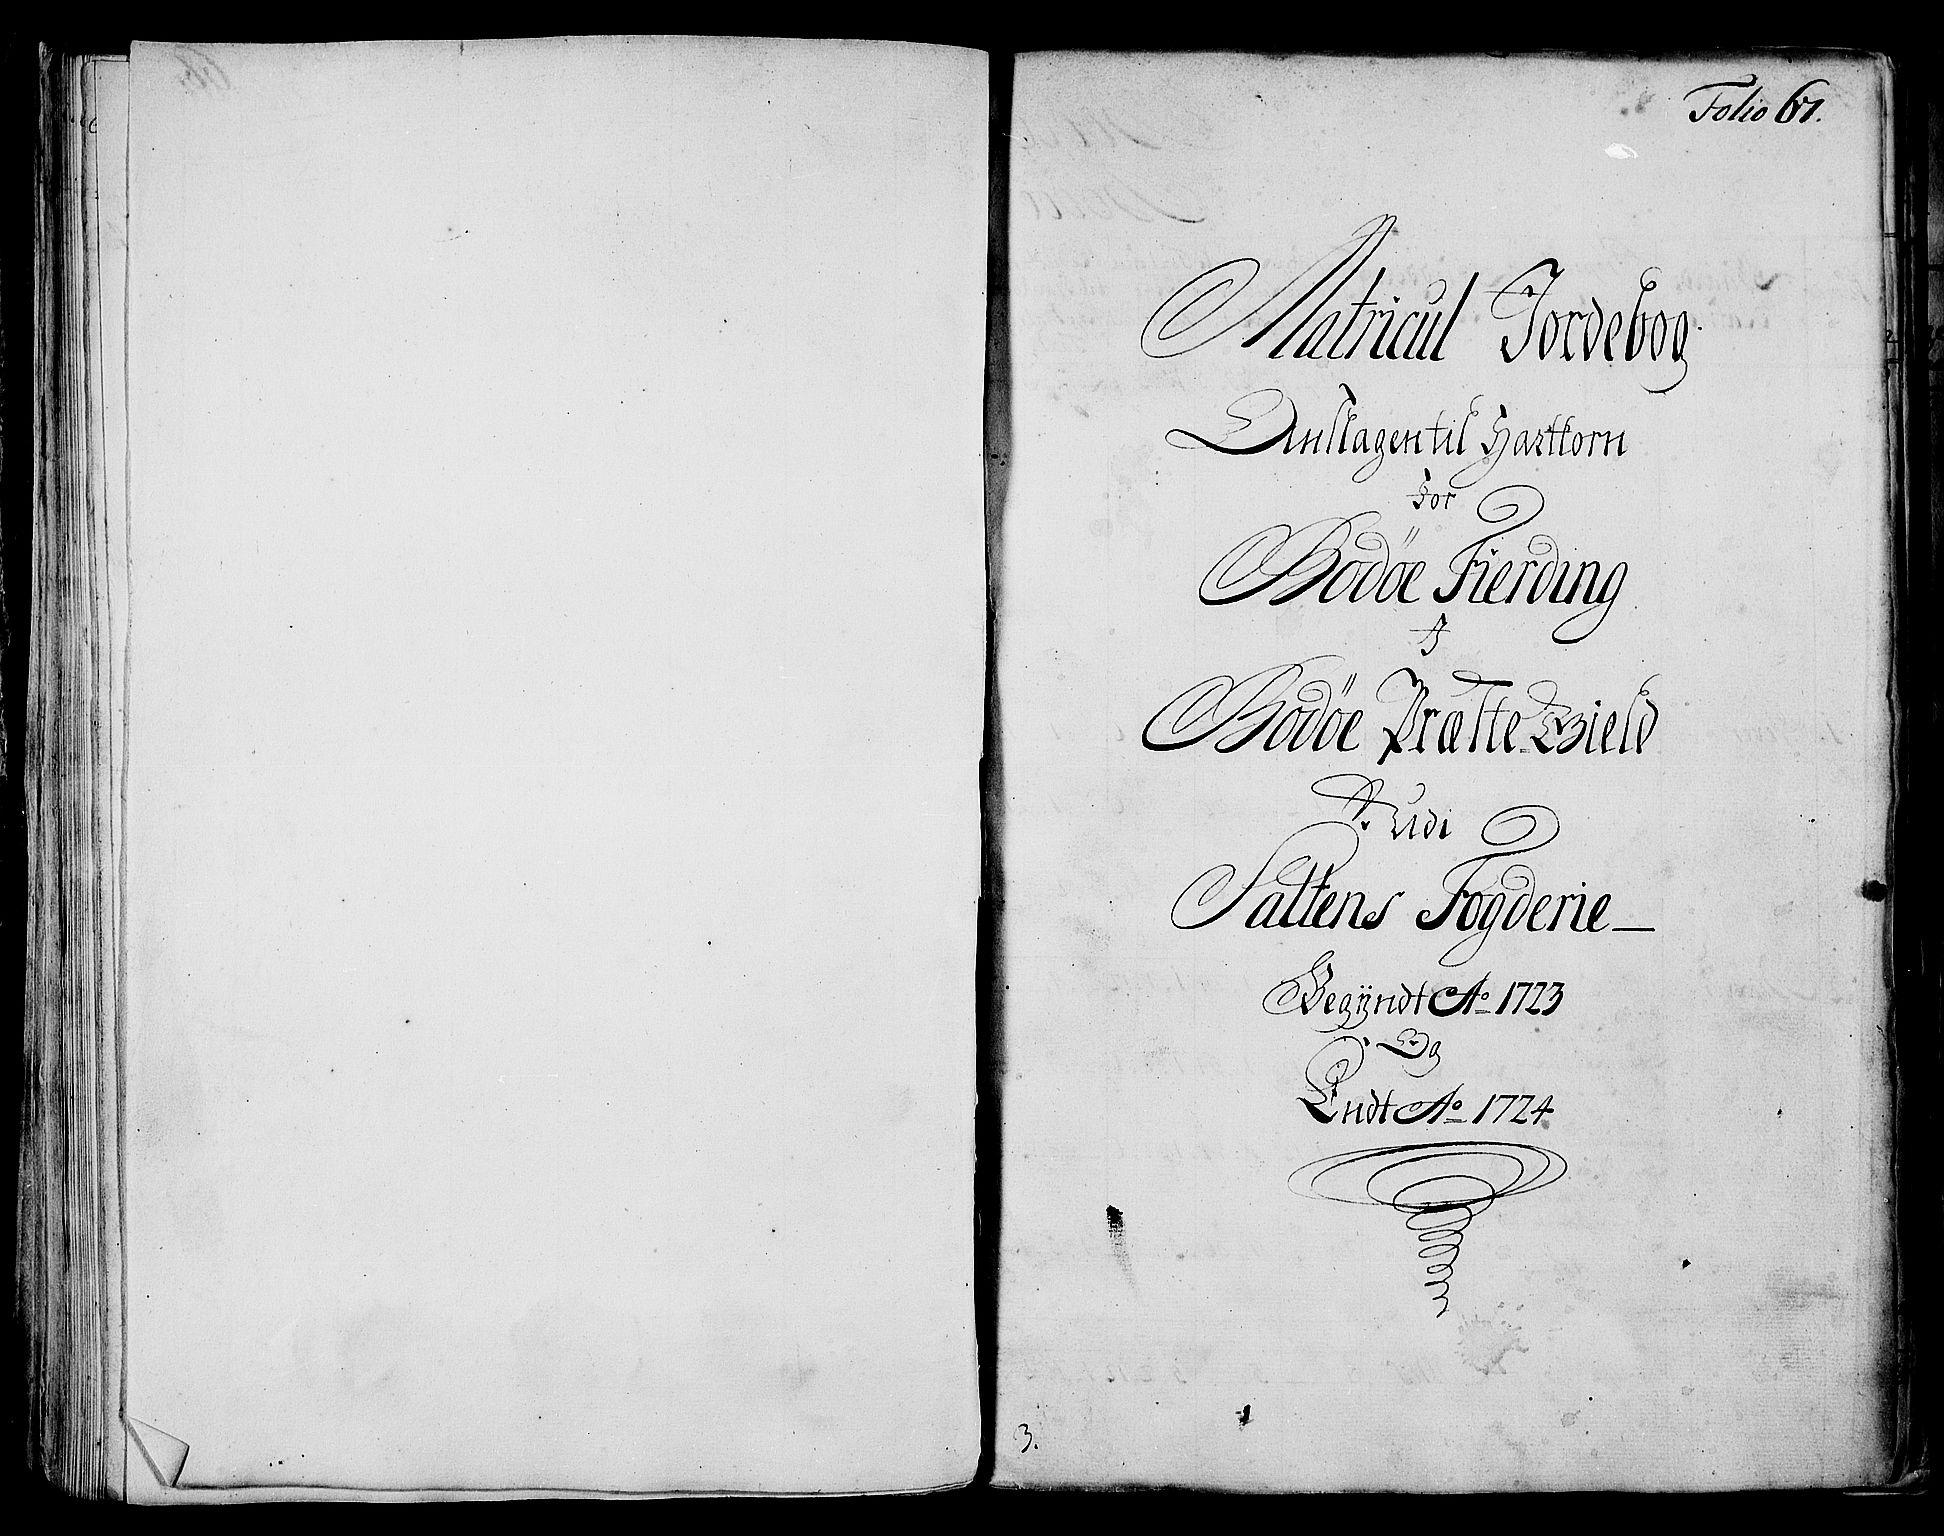 RA, Rentekammeret inntil 1814, Realistisk ordnet avdeling, N/Nb/Nbf/L0173: Salten matrikkelprotokoll, 1723, s. 66b-67a